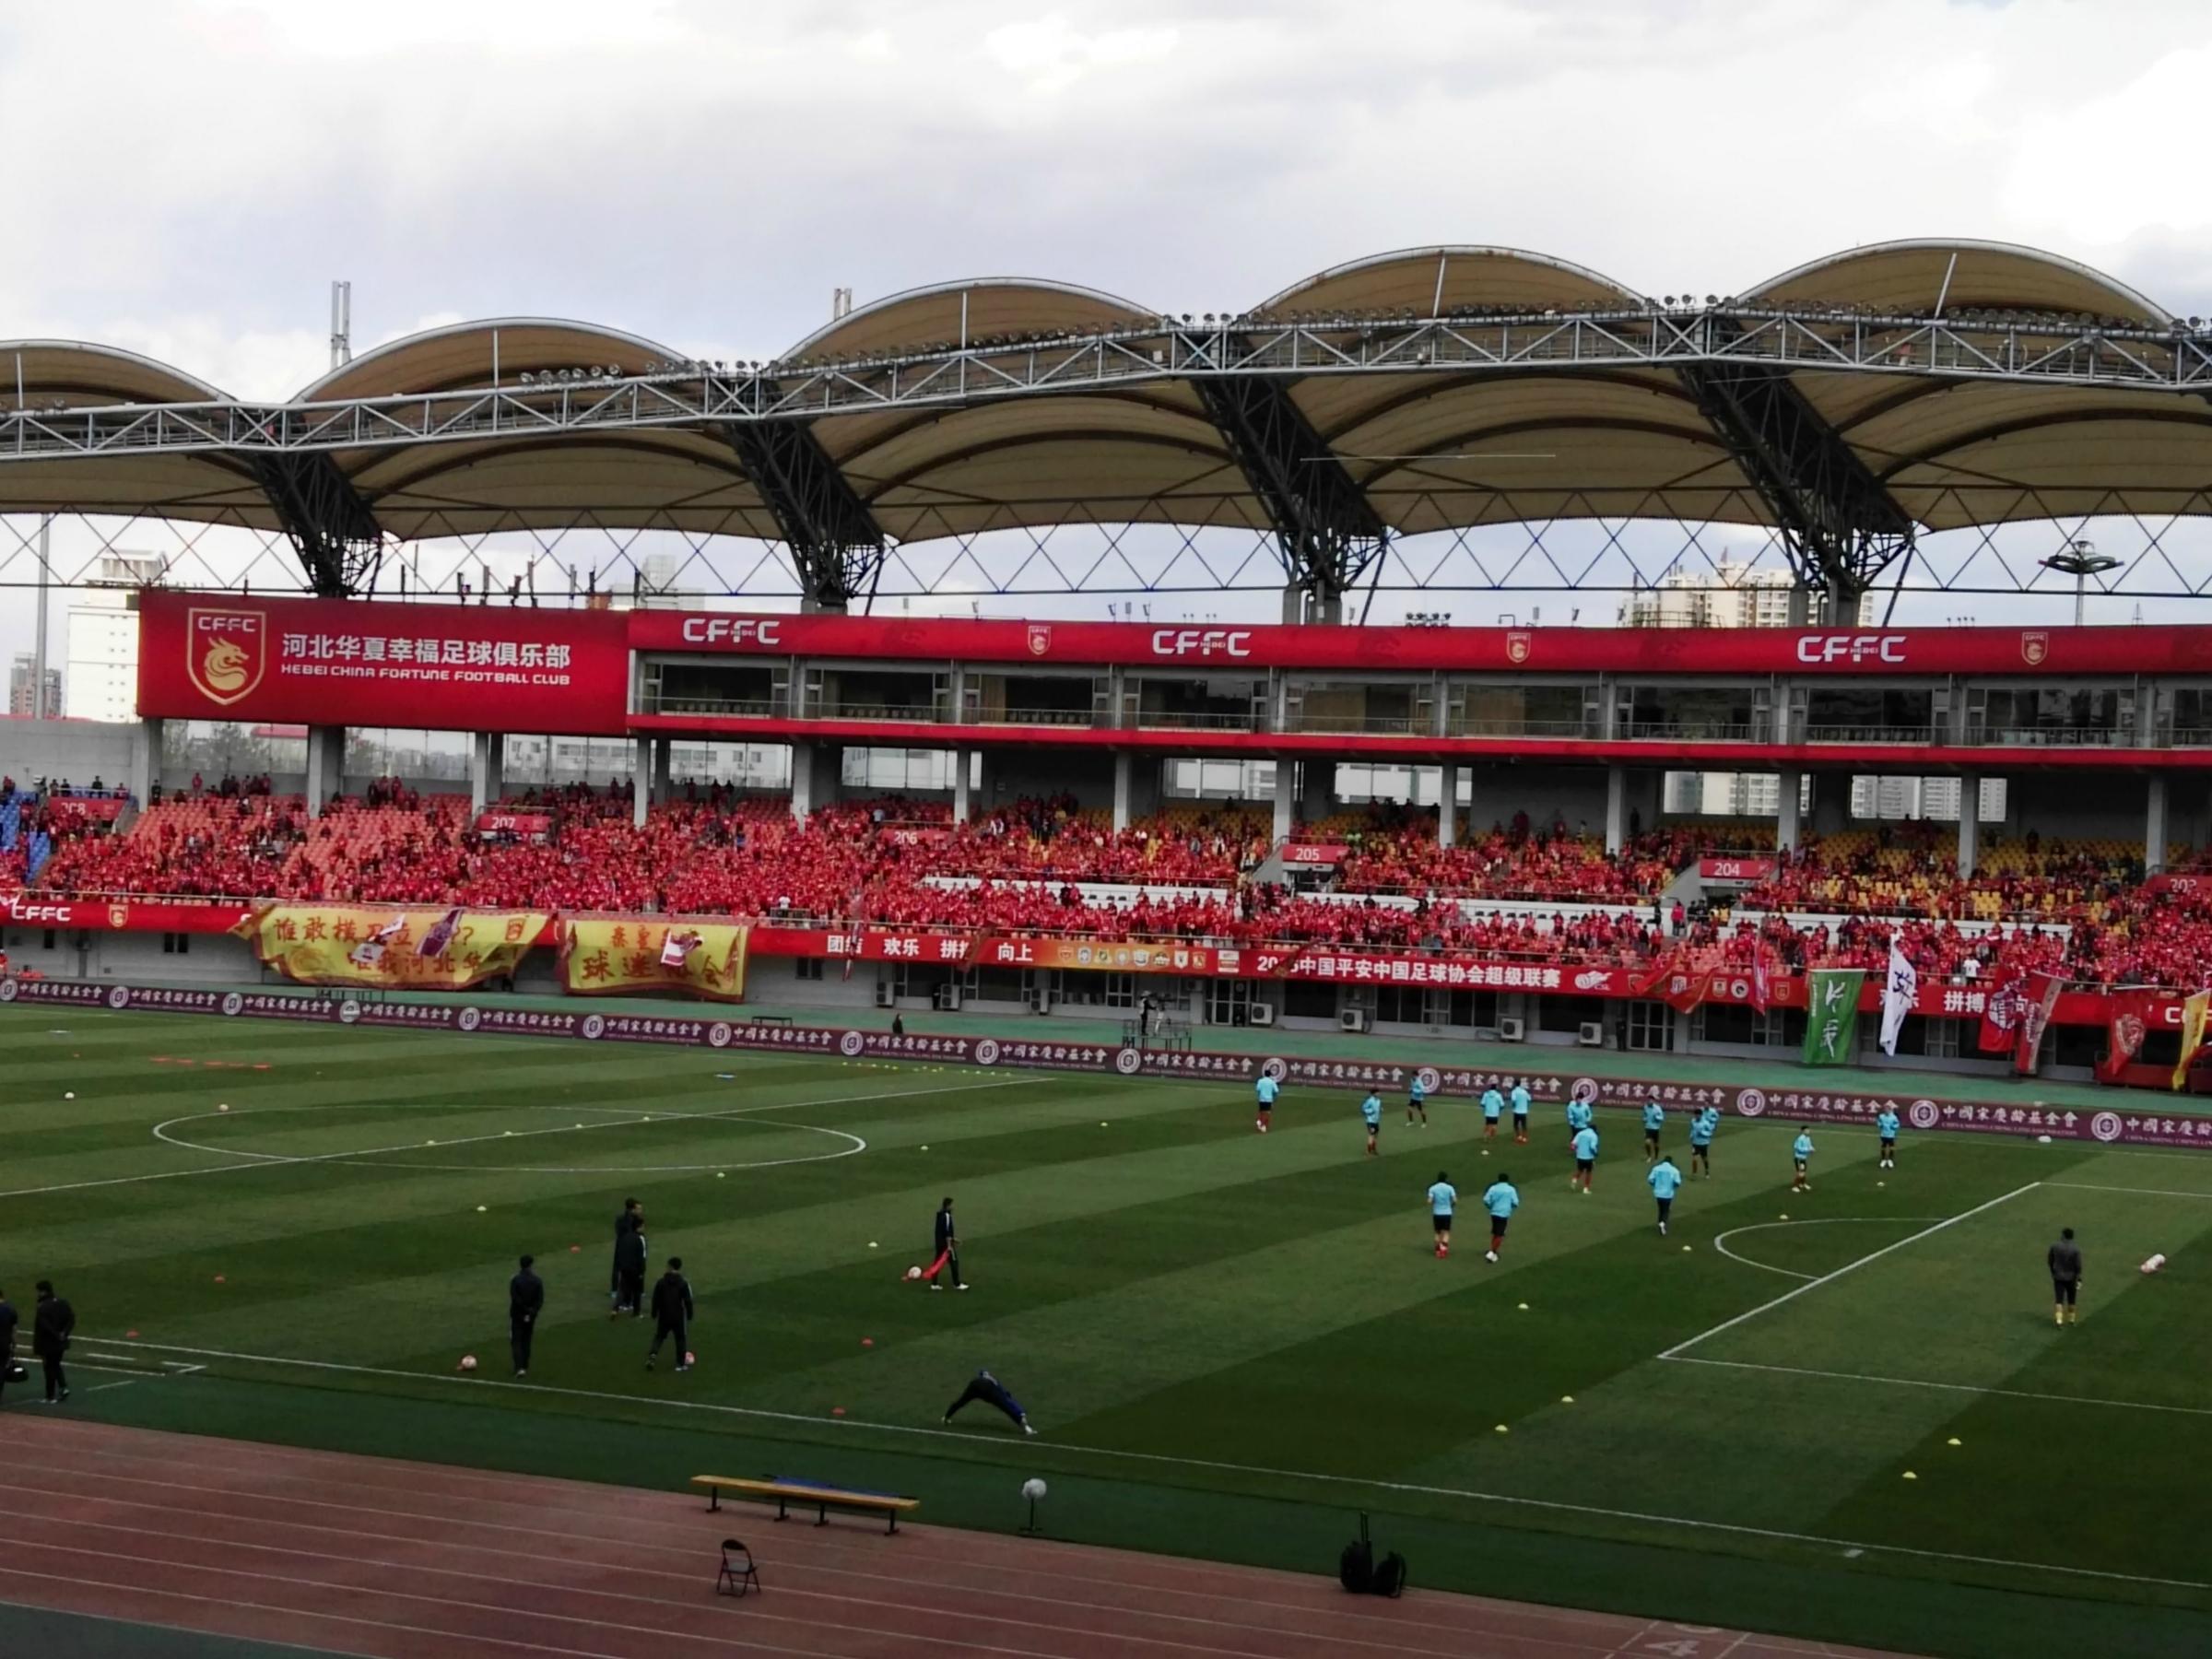 来秦皇岛旅游、观看中超赛事,一起体验魅力足球